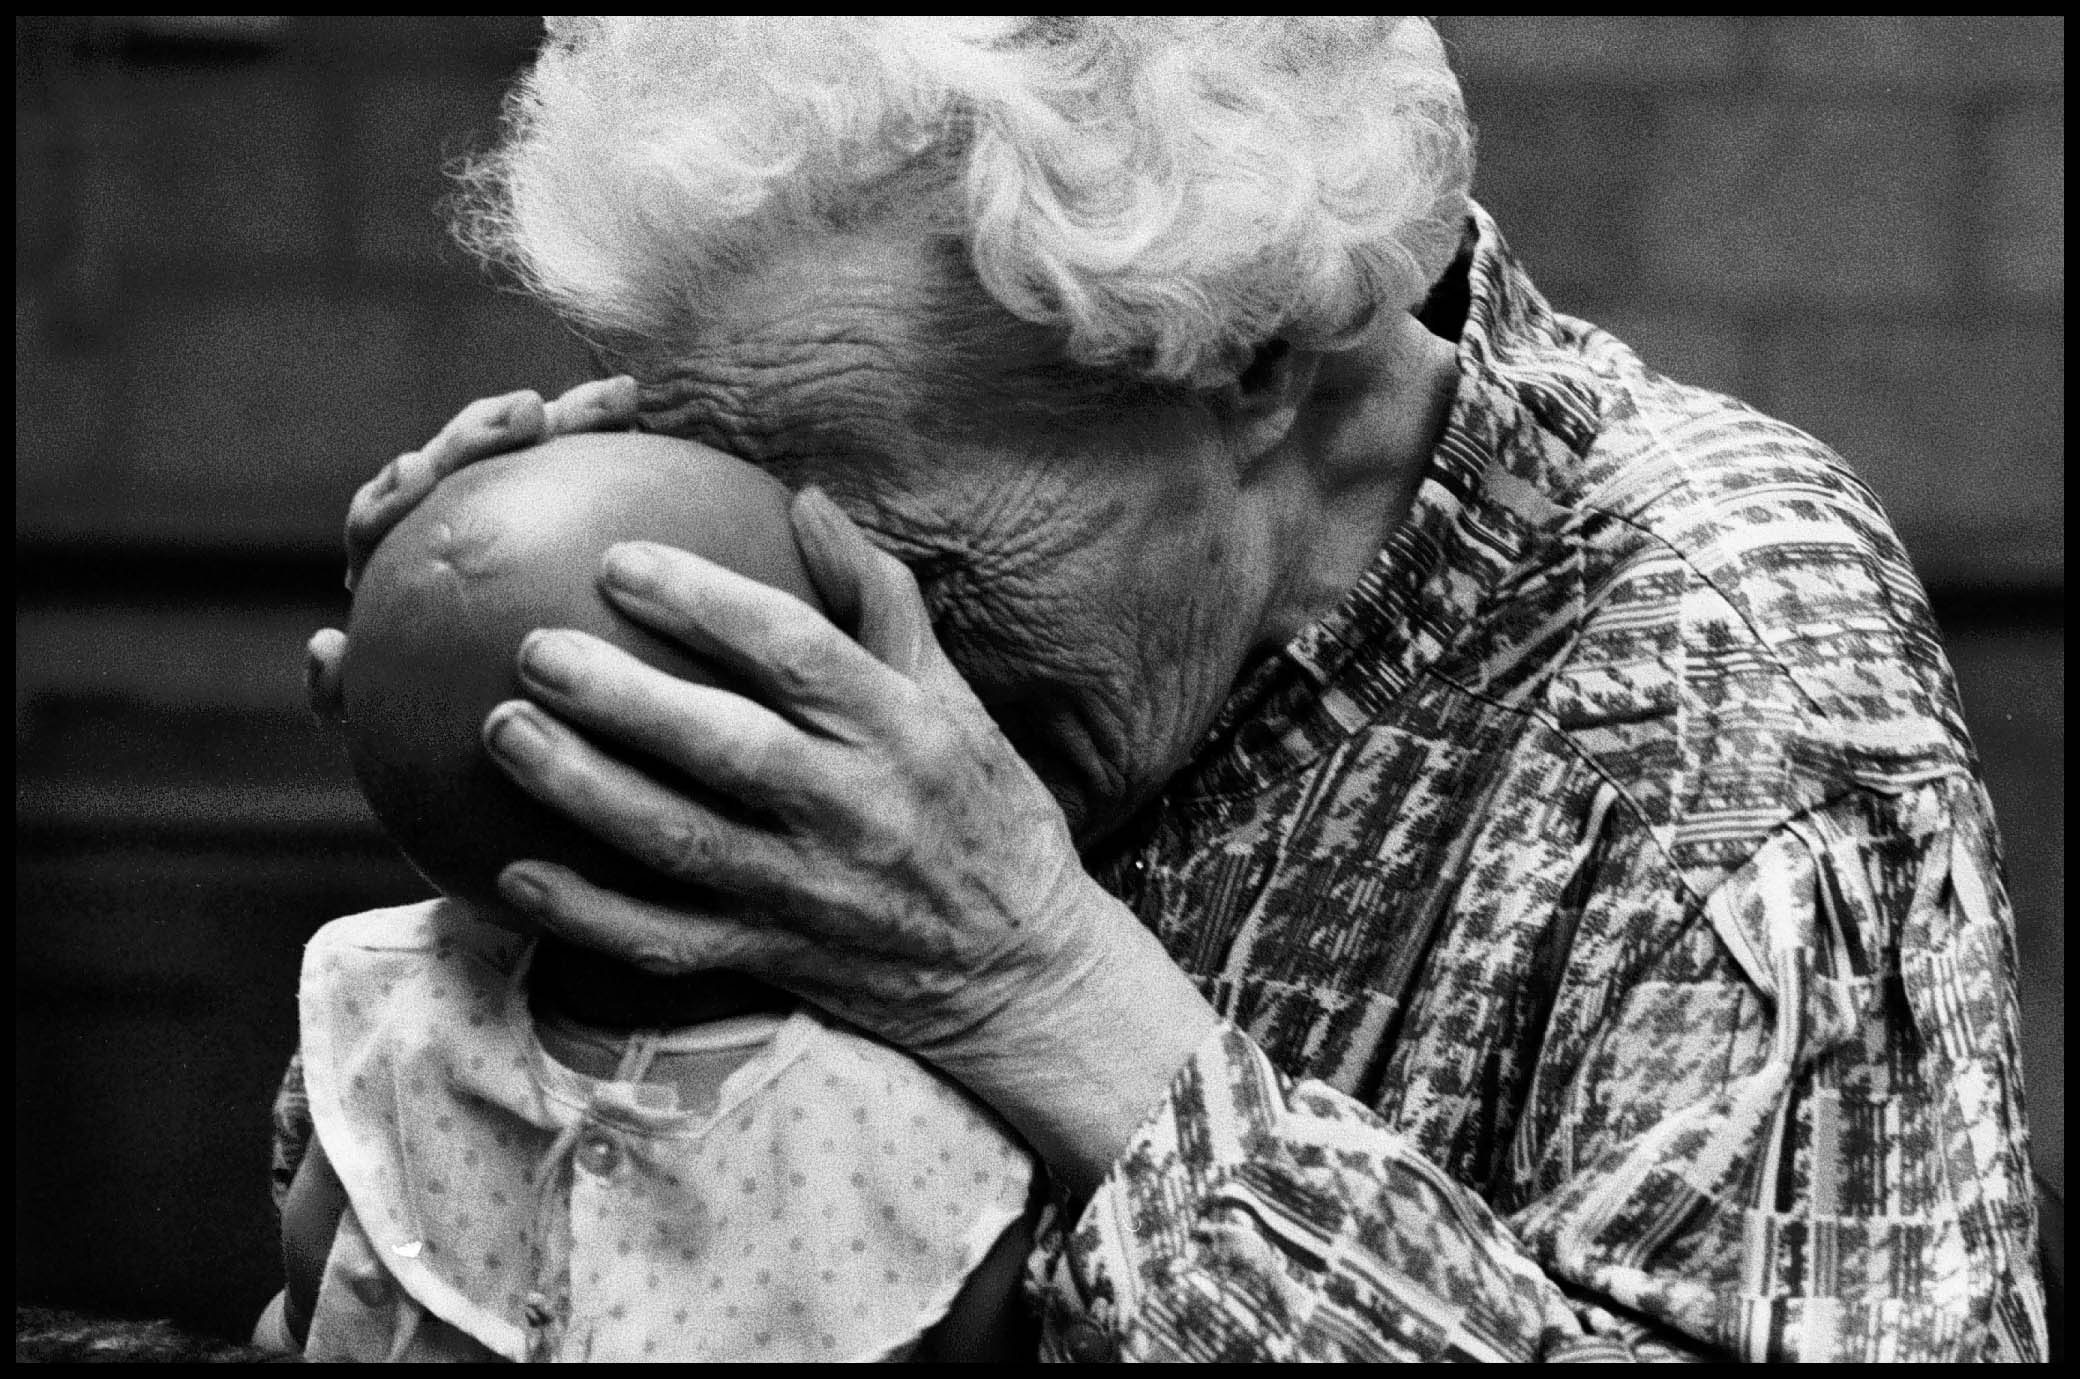 Demente bejaarde in verzorgingstehuis 'Breede Vliet' in Rotterdam. (De Volkskrant, 1993)